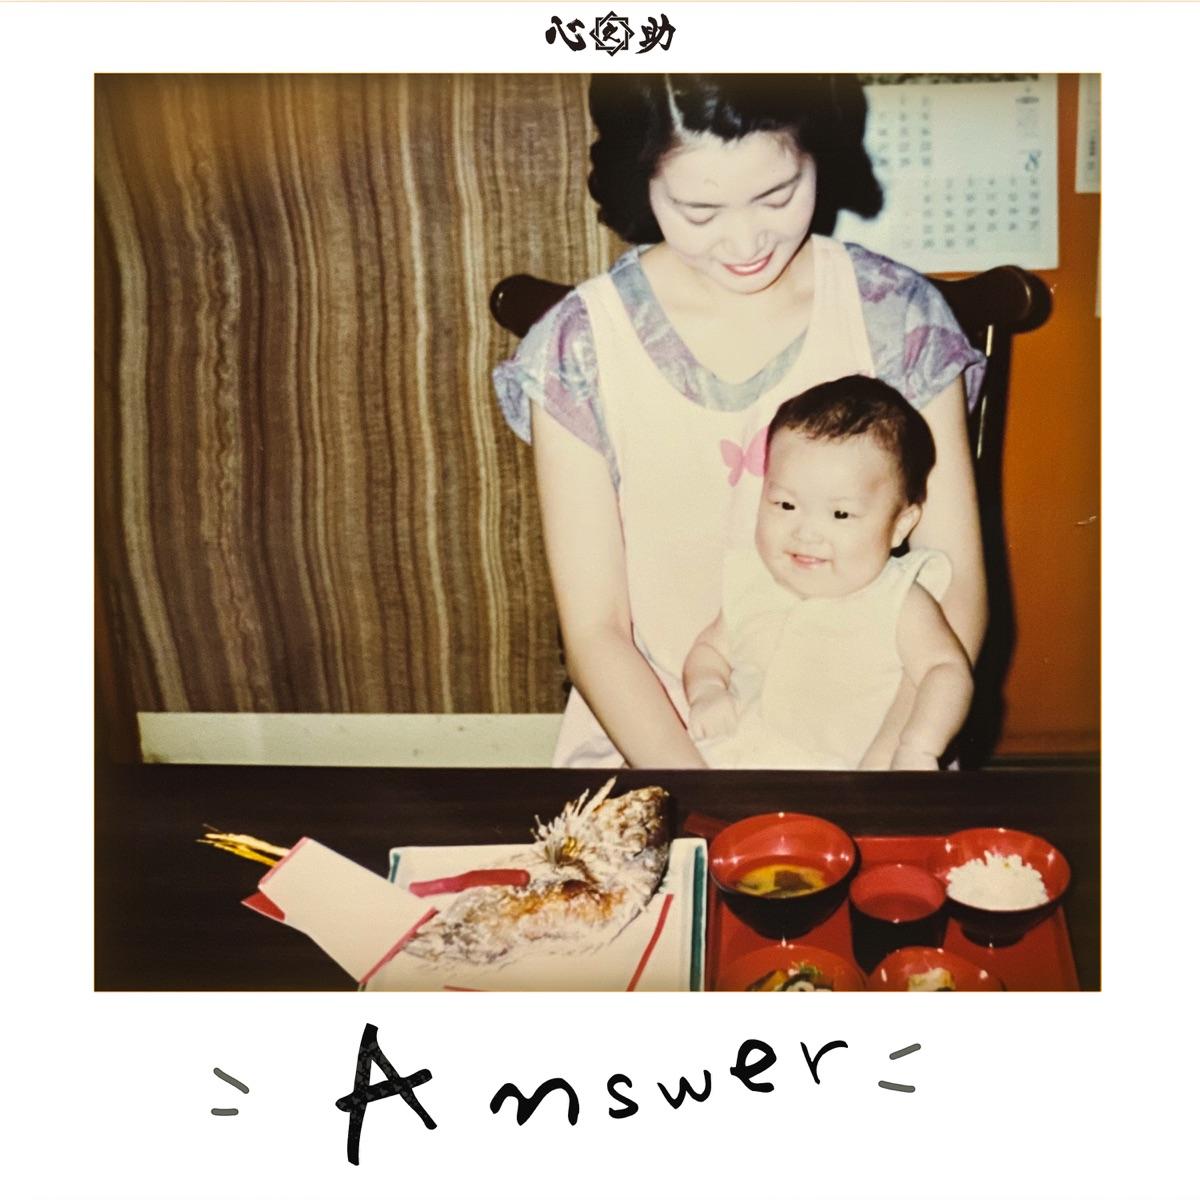 『心之助 - Answer』収録の『Answer』ジャケット